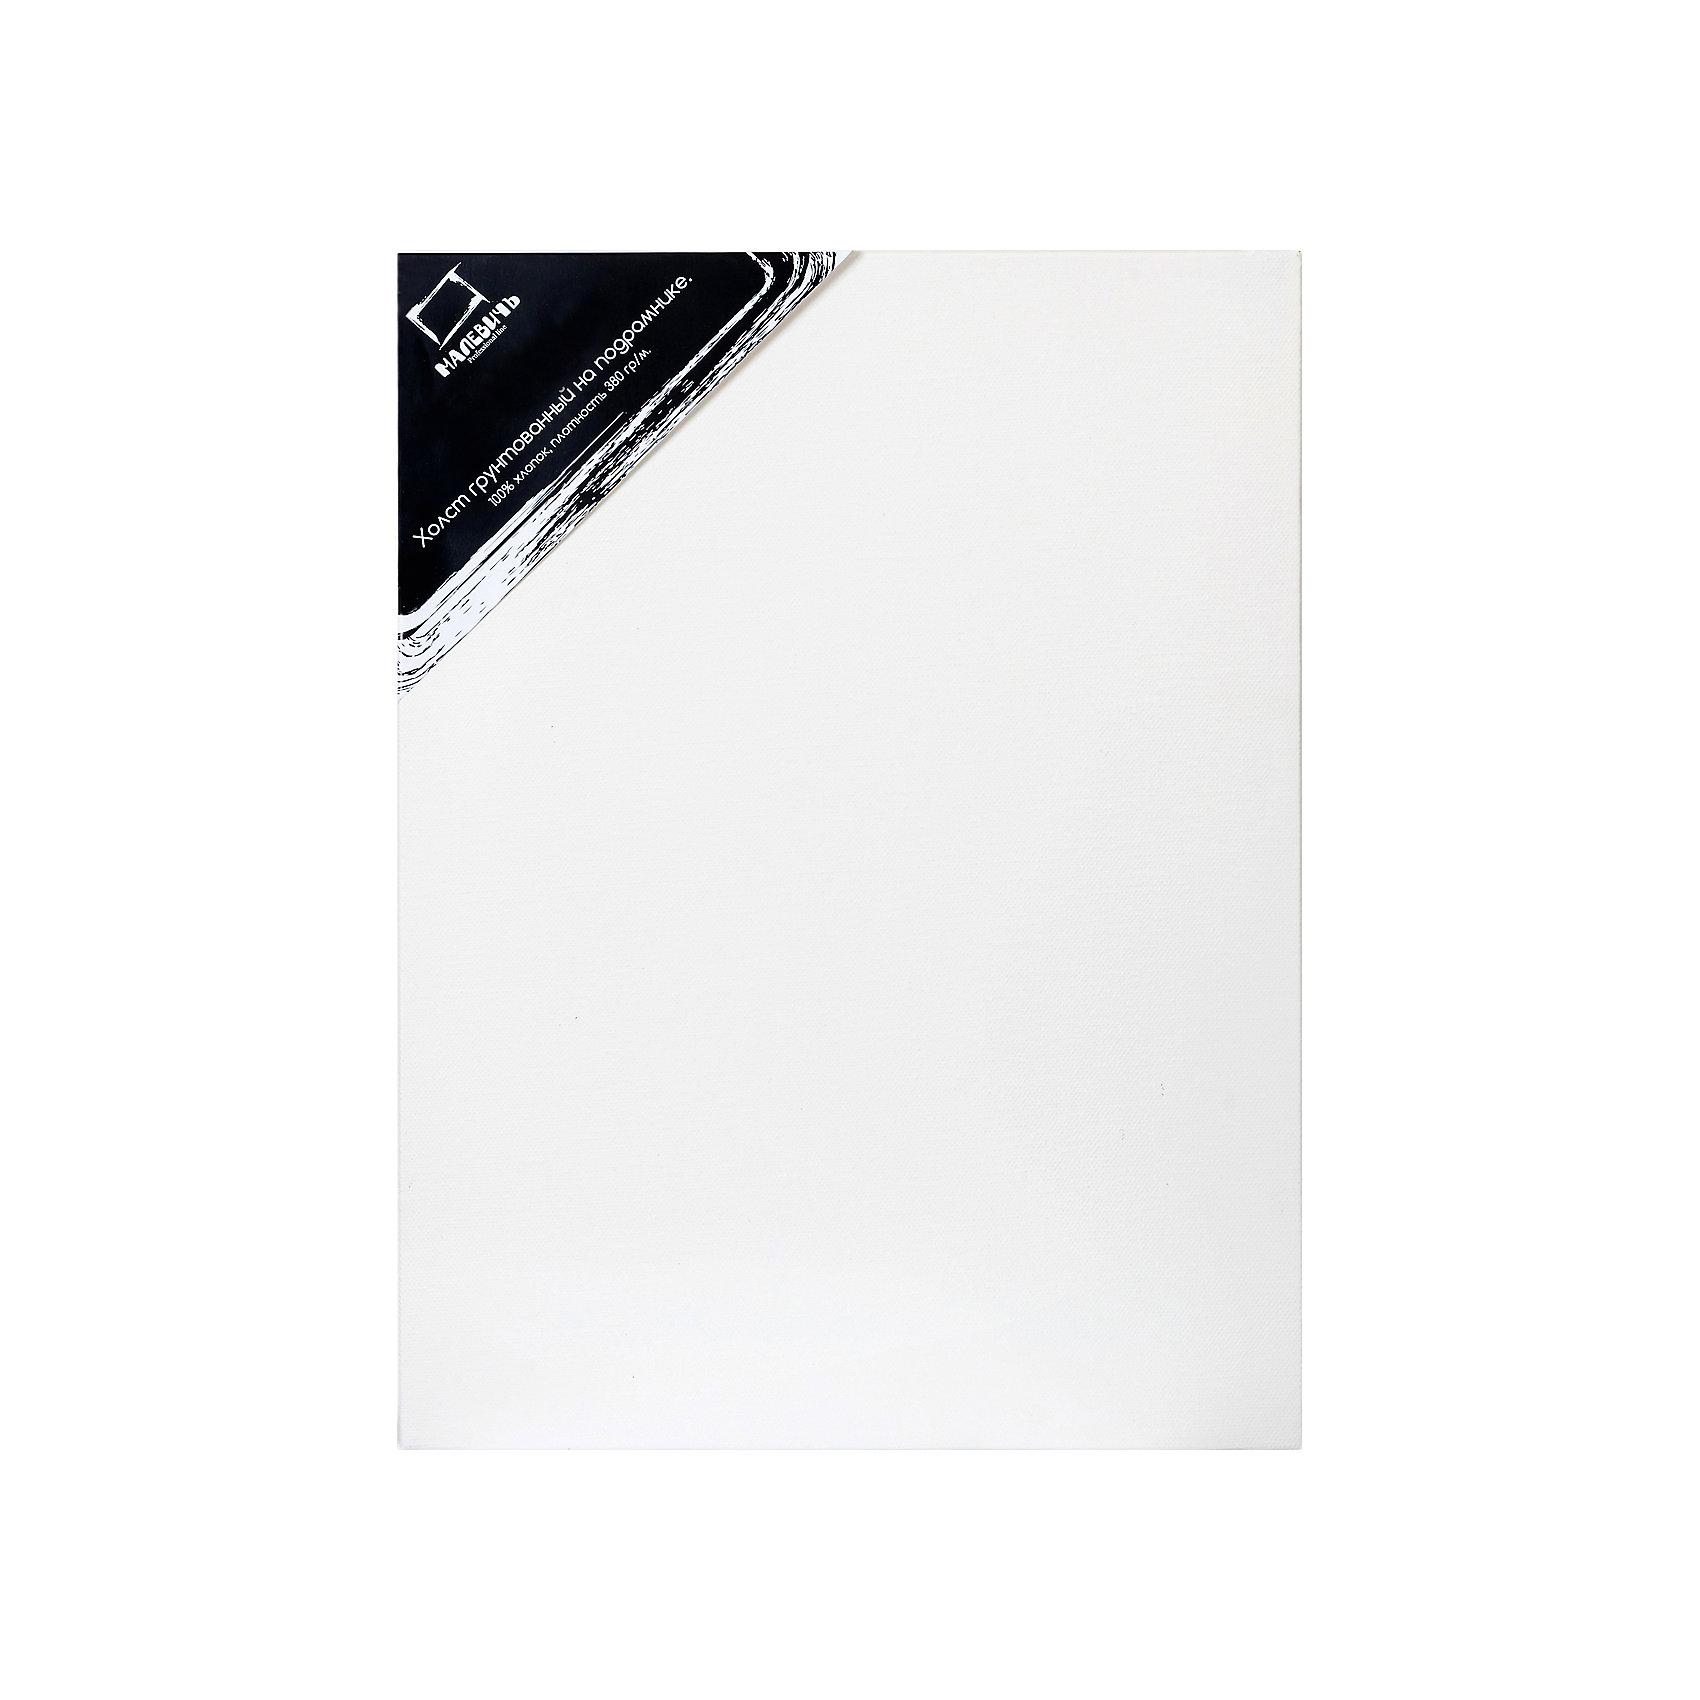 Холст на подрамнике Малевичъ, хлопок 380 гр, 30x40 смПринадлежности для творчества<br>Полностью готовые к работе холсты  для профессиональной живописи. Представляют собой грунтованное среднезернистое полотно из 100% хлопка плотностью 380 г/кв. м, натянутое на деревянный подрамник. В комплект входят клинья, позволяющие регулировать степень натяжения полотна. Гладкая поверхность хлопкового полотна удобна для предварительных набросков, а повышенная плотность холста позволяет использовать его для картин большого формата. Все холсты Малевич изготавливаются из 100% натуральных материалов и проходят тестирование профессиональными художниками.<br><br>Холсты на подрамниках Малевич:<br><br>•    изготовлены из плотного натурального полотна без узелков и неровностей<br>•    профессионально натянуты и загрунтованы<br>•    экономят время художника – сразу же можно приступать к работе<br>•    подходят для любого вида красок, кроме акварельных (для которых у нас есть Акварельные холсты)<br>•    гладкая поверхность удобна для карандашных набросков<br><br>Ширина мм: 300<br>Глубина мм: 400<br>Высота мм: 20<br>Вес г: 385<br>Возраст от месяцев: 84<br>Возраст до месяцев: 2147483647<br>Пол: Унисекс<br>Возраст: Детский<br>SKU: 6757432